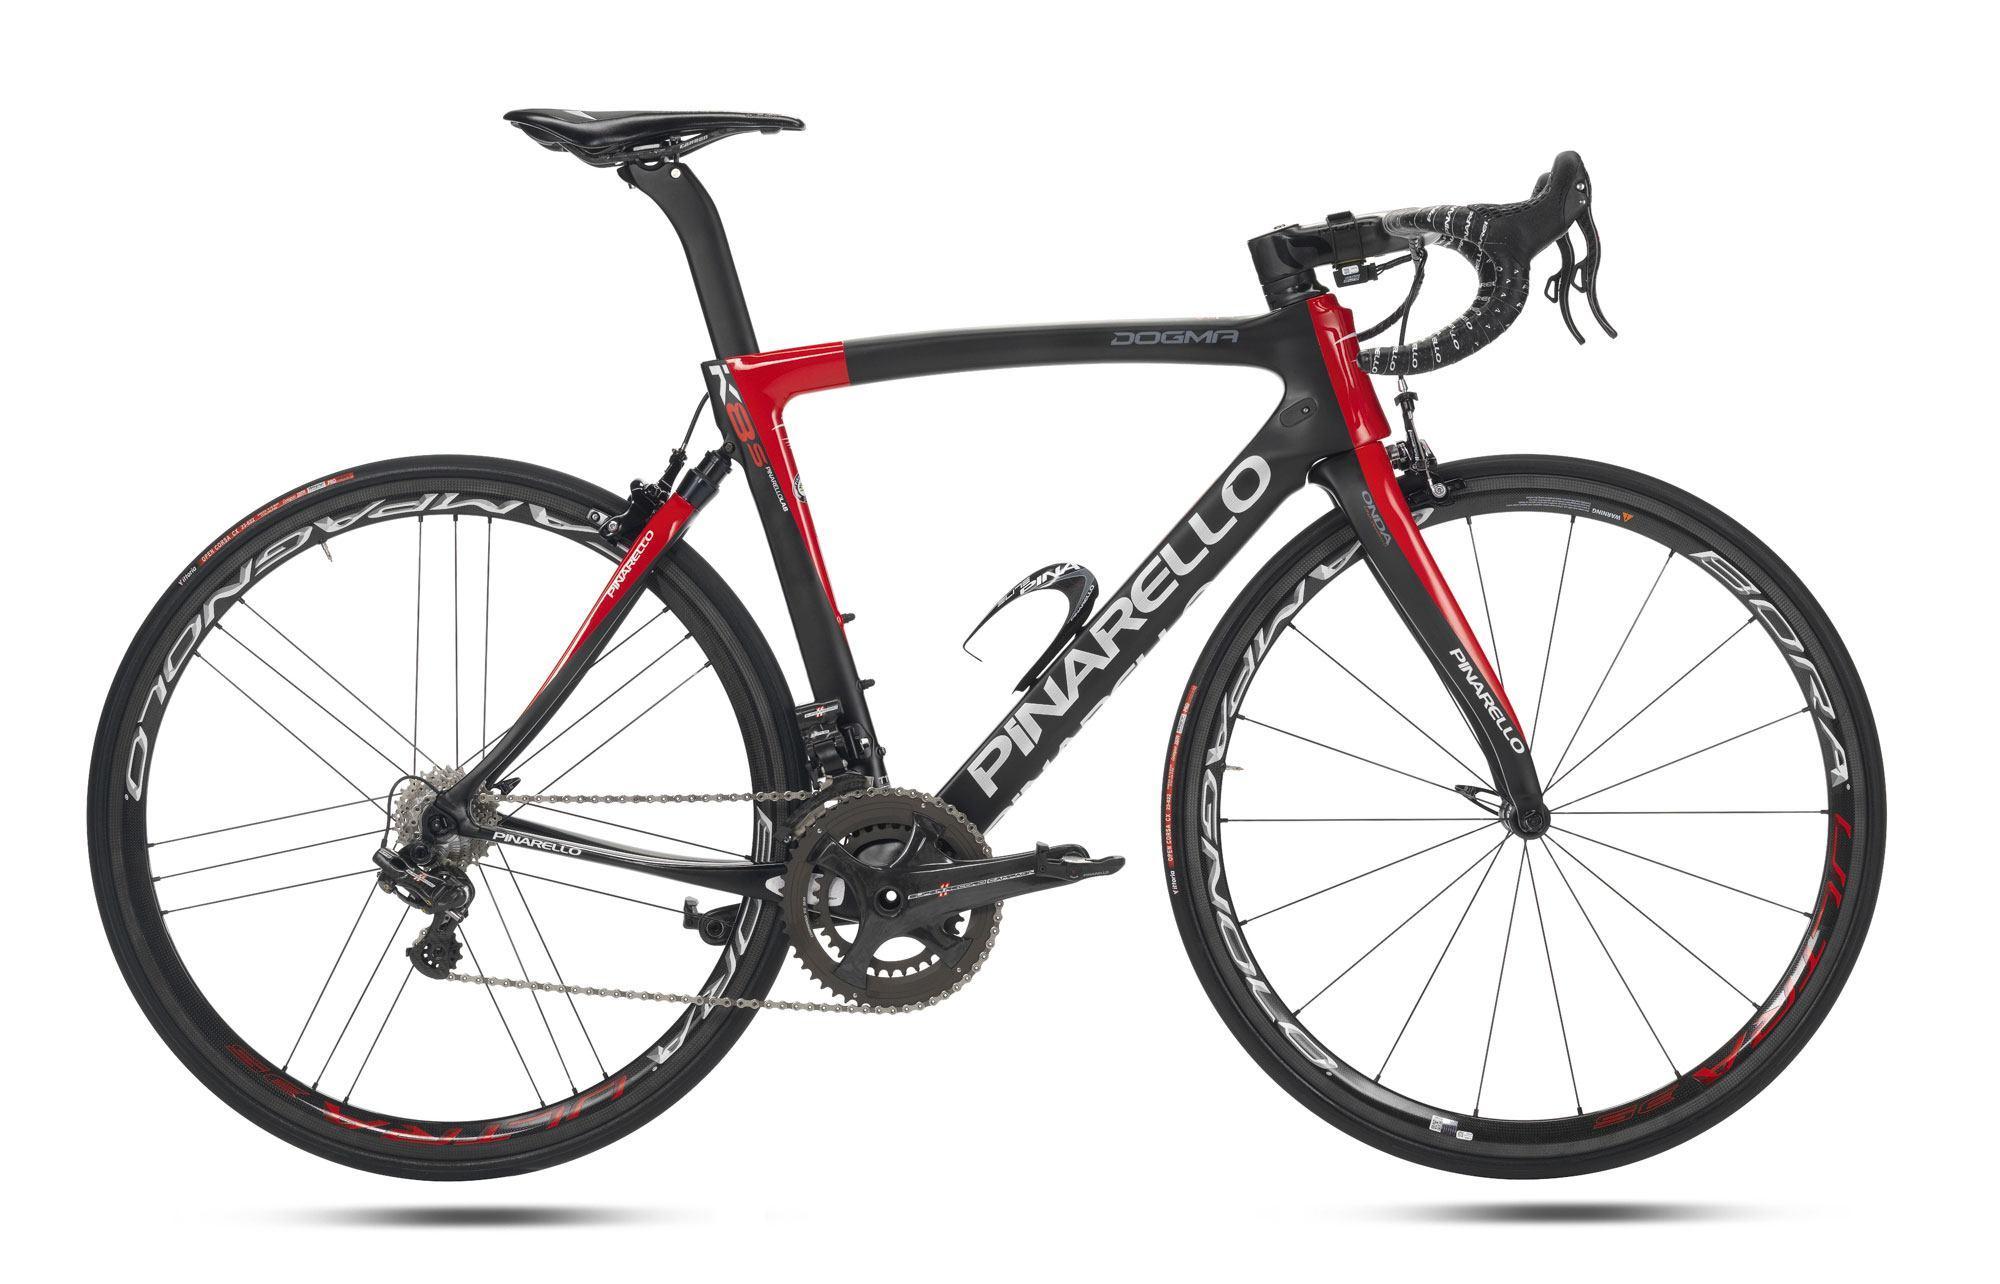 2016 Pinarello Dogma K8 S Frameset R Amp A Cycles